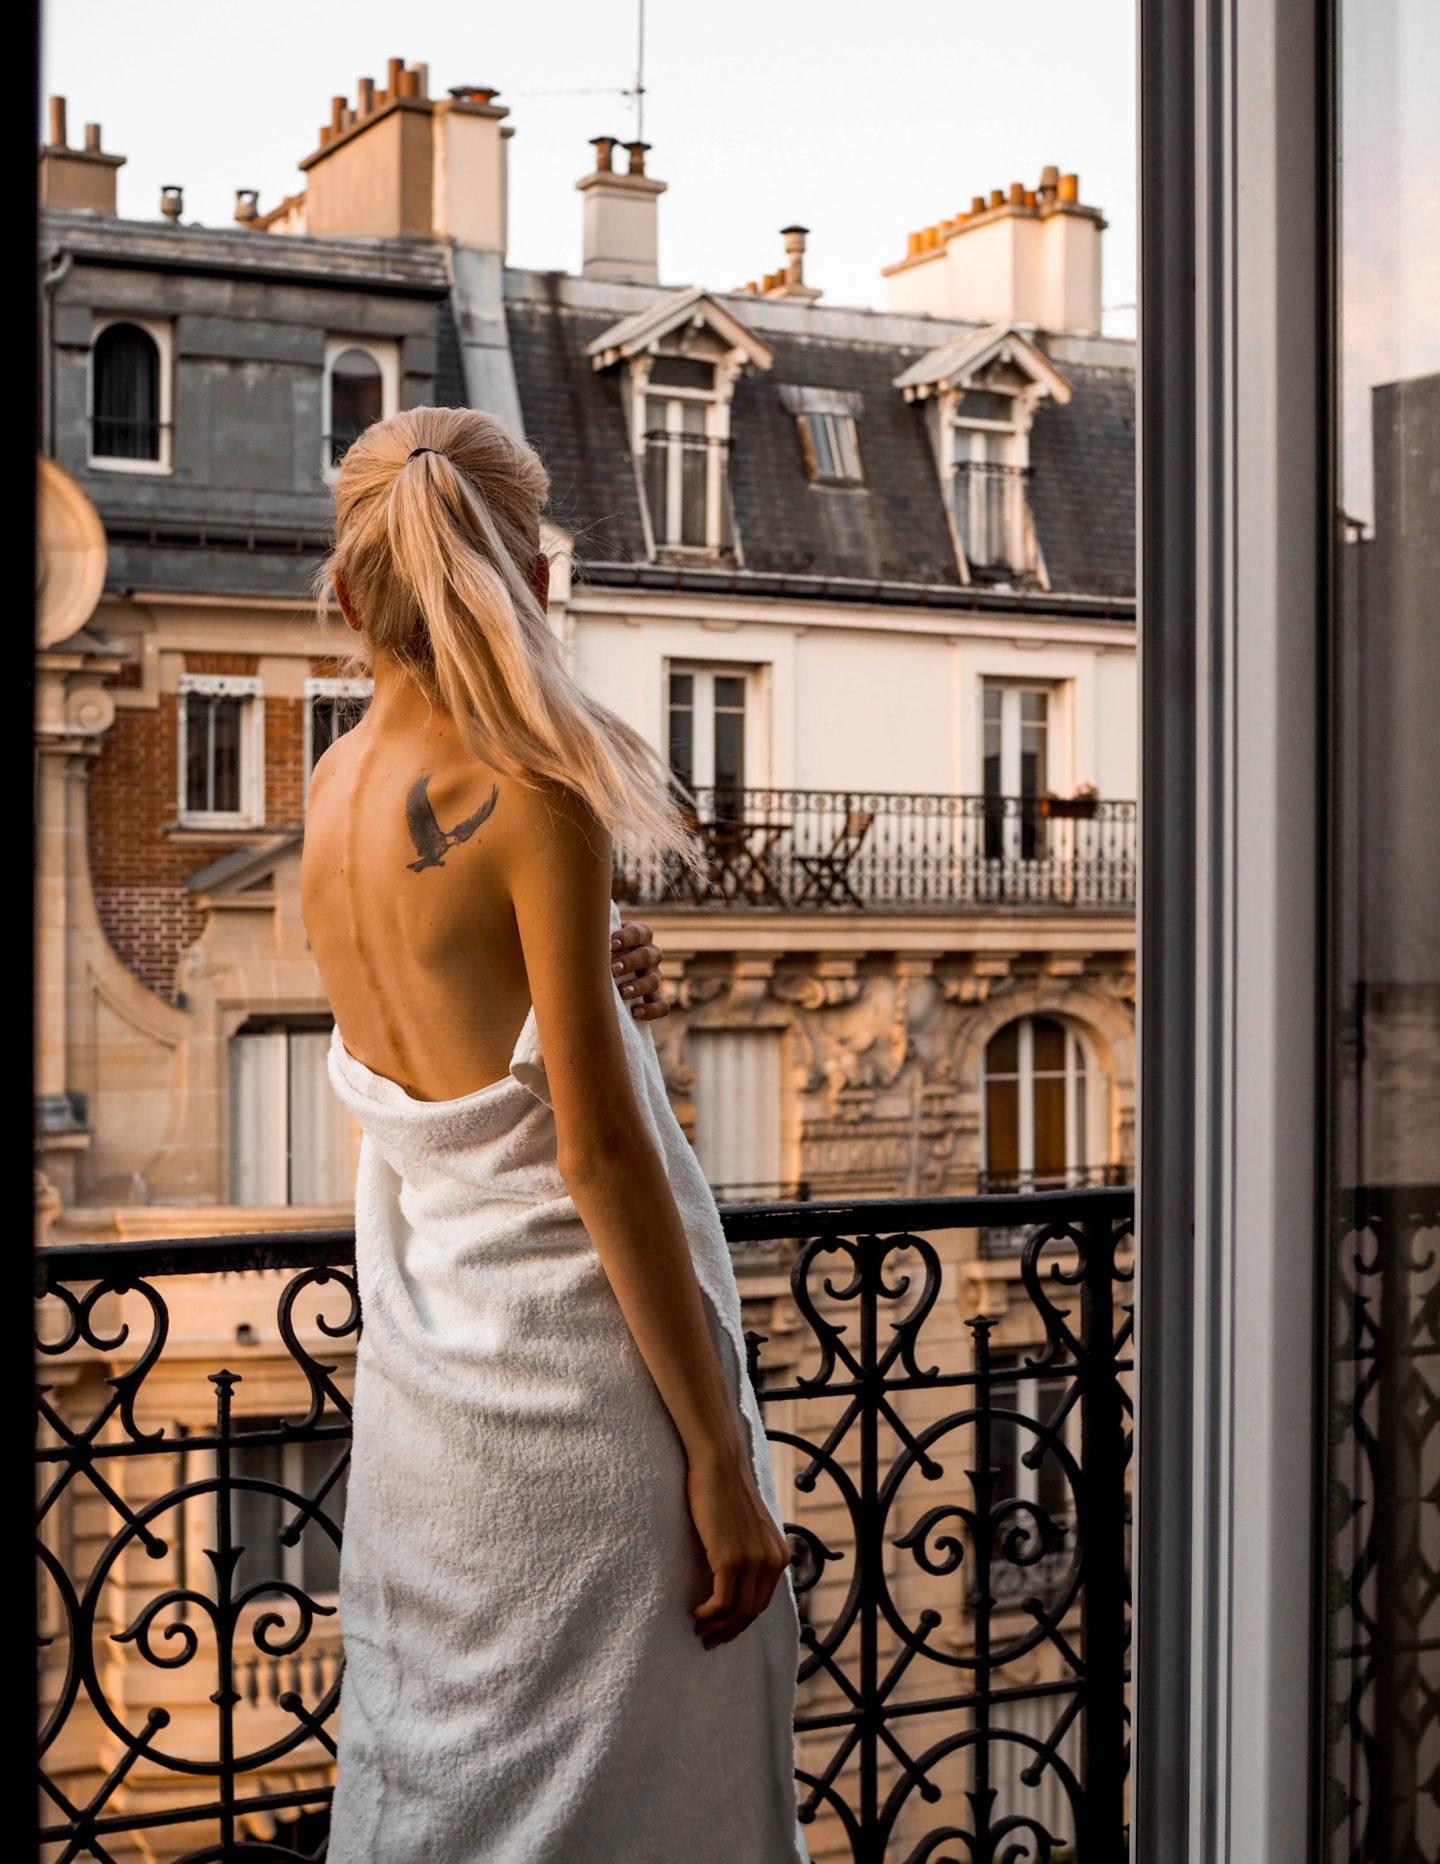 5 důvodů, proč vyzkoušet sólo cestování, a jak se přitom necítit sám